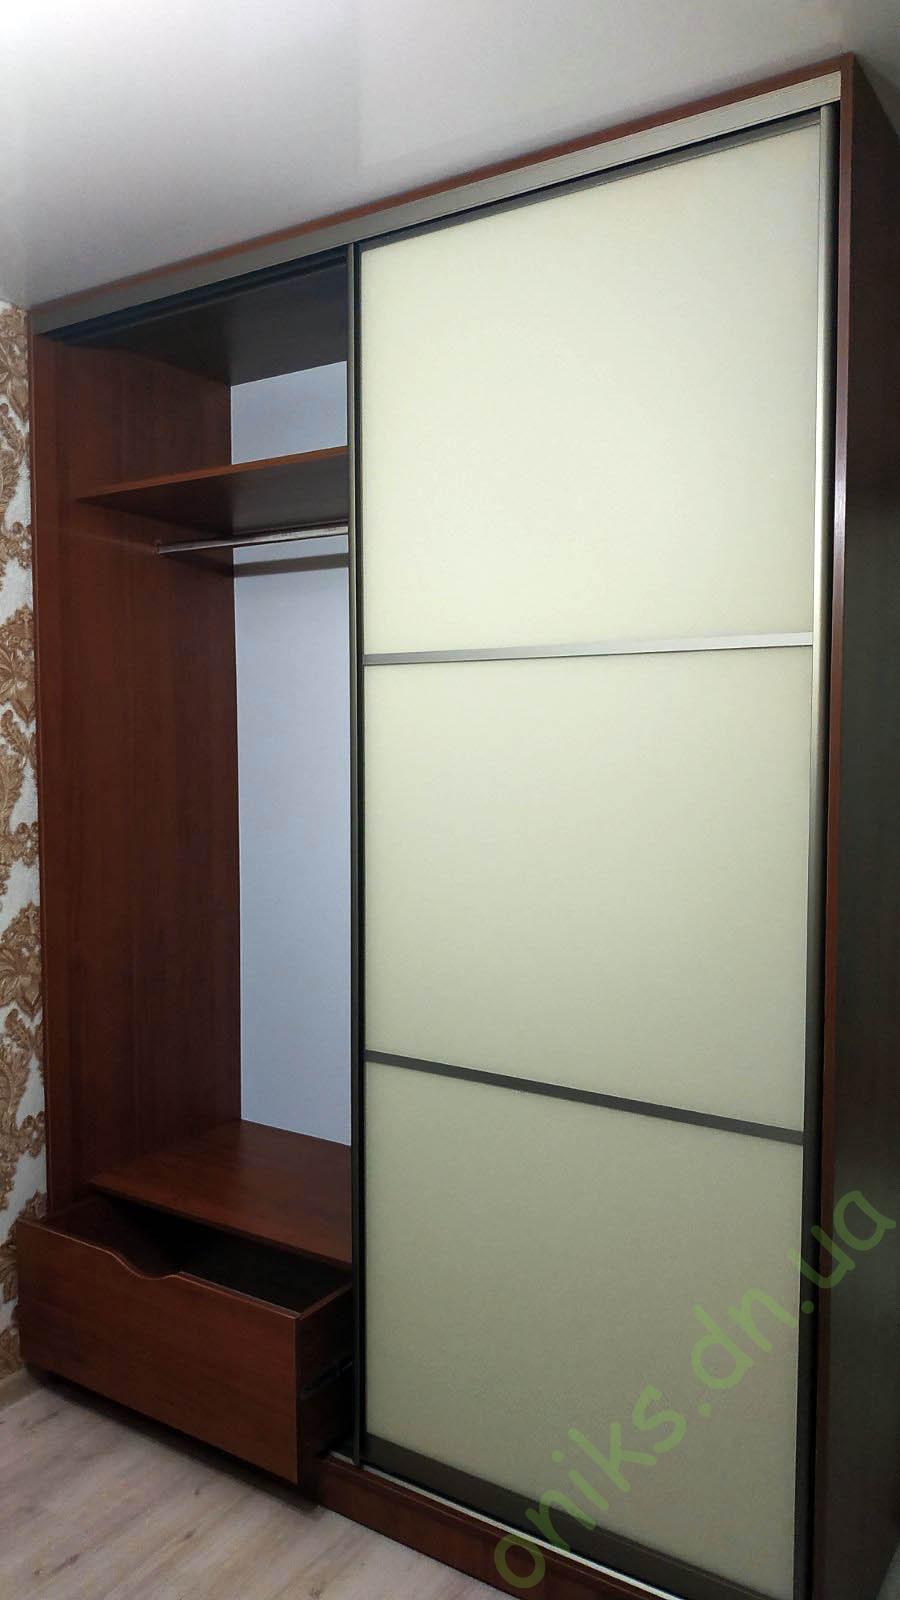 Купить шкаф-купе двухдверный ШК-01/3 в Донецке